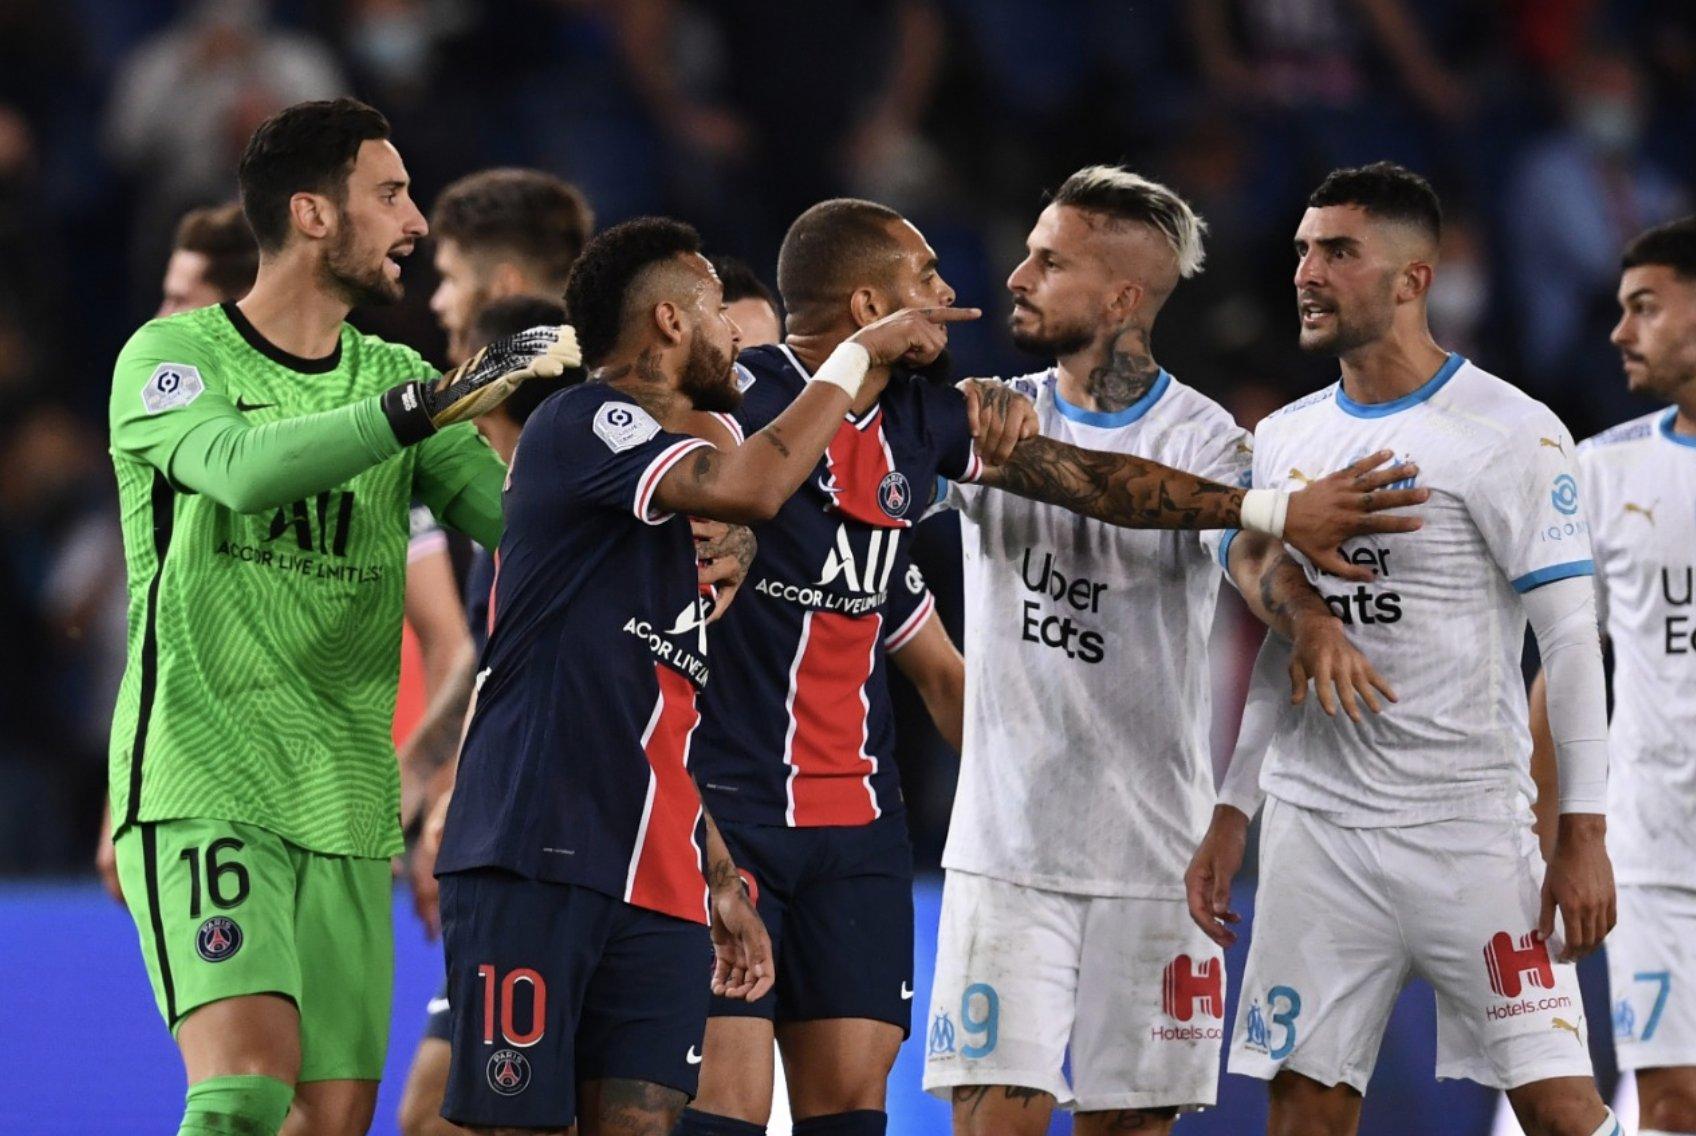 Неймар и Паредес дисквалифицирован на два матча за драку с «Марселем»